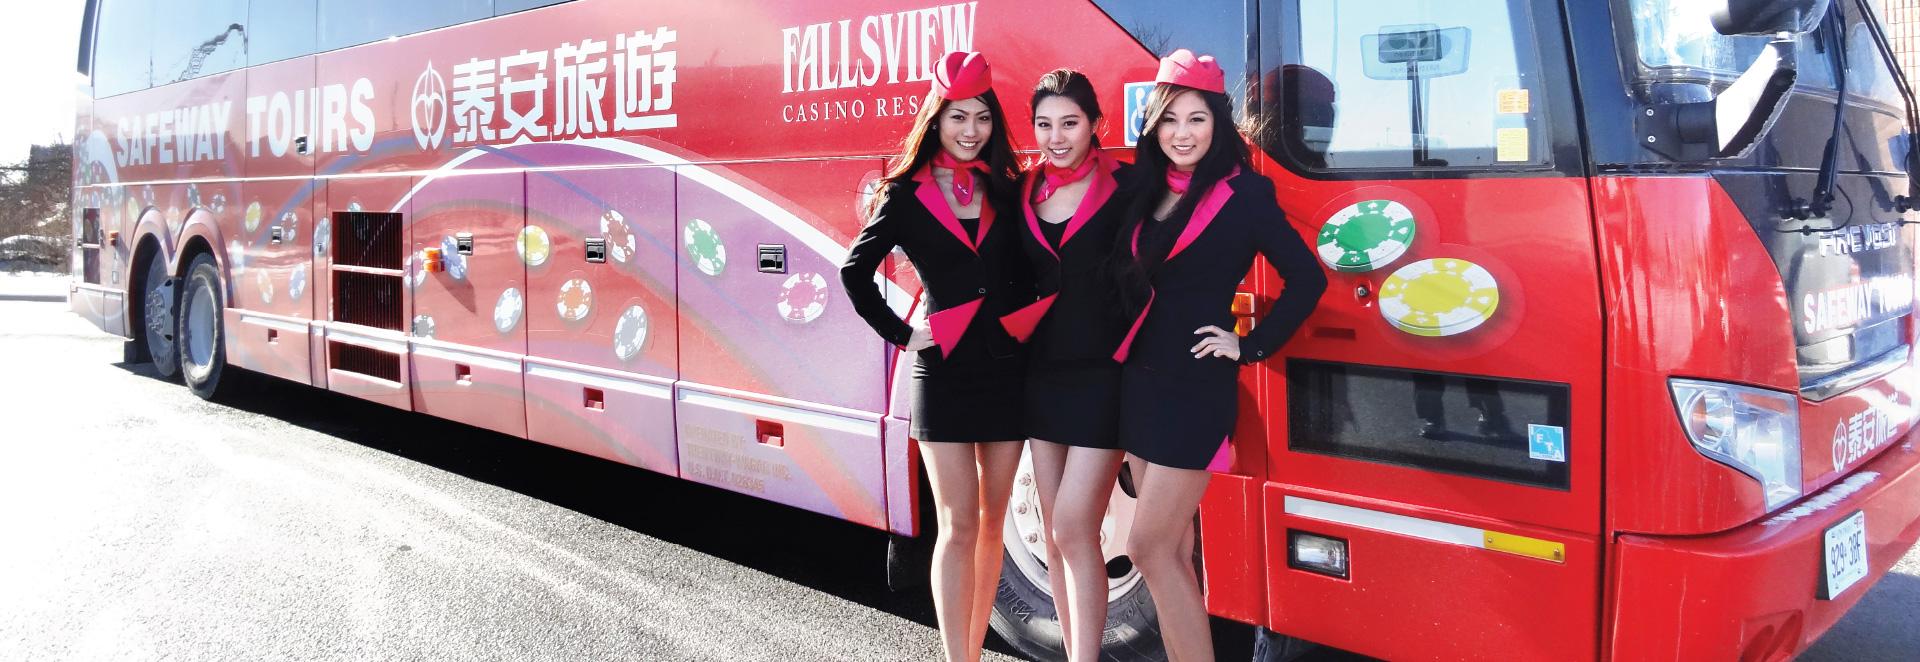 safeway and fallview casino resort